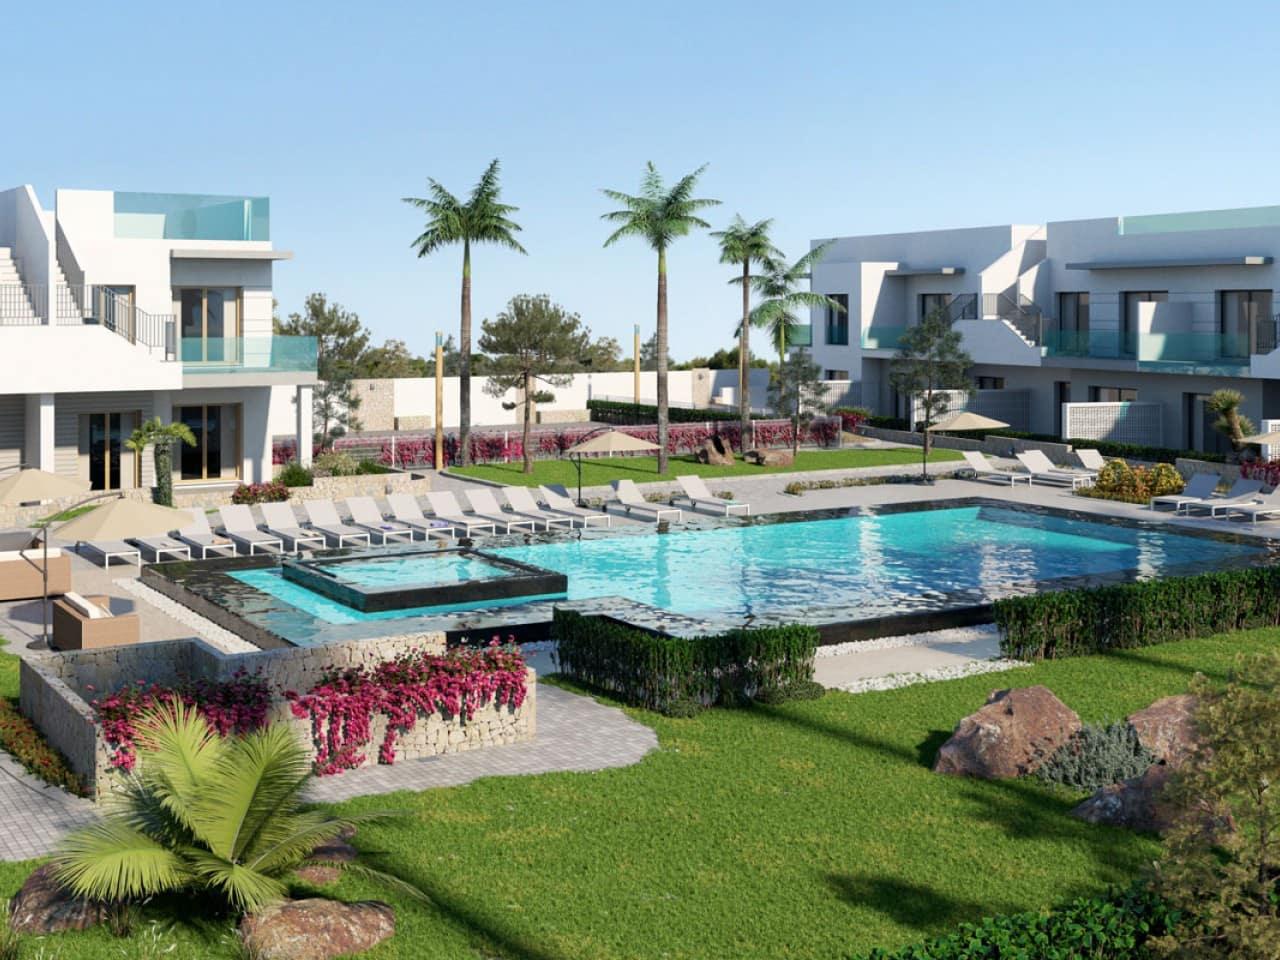 Adosado de 2 habitaciones en Pilar de la Horadada en venta con piscina - 131.000 € (Ref: 4982639)